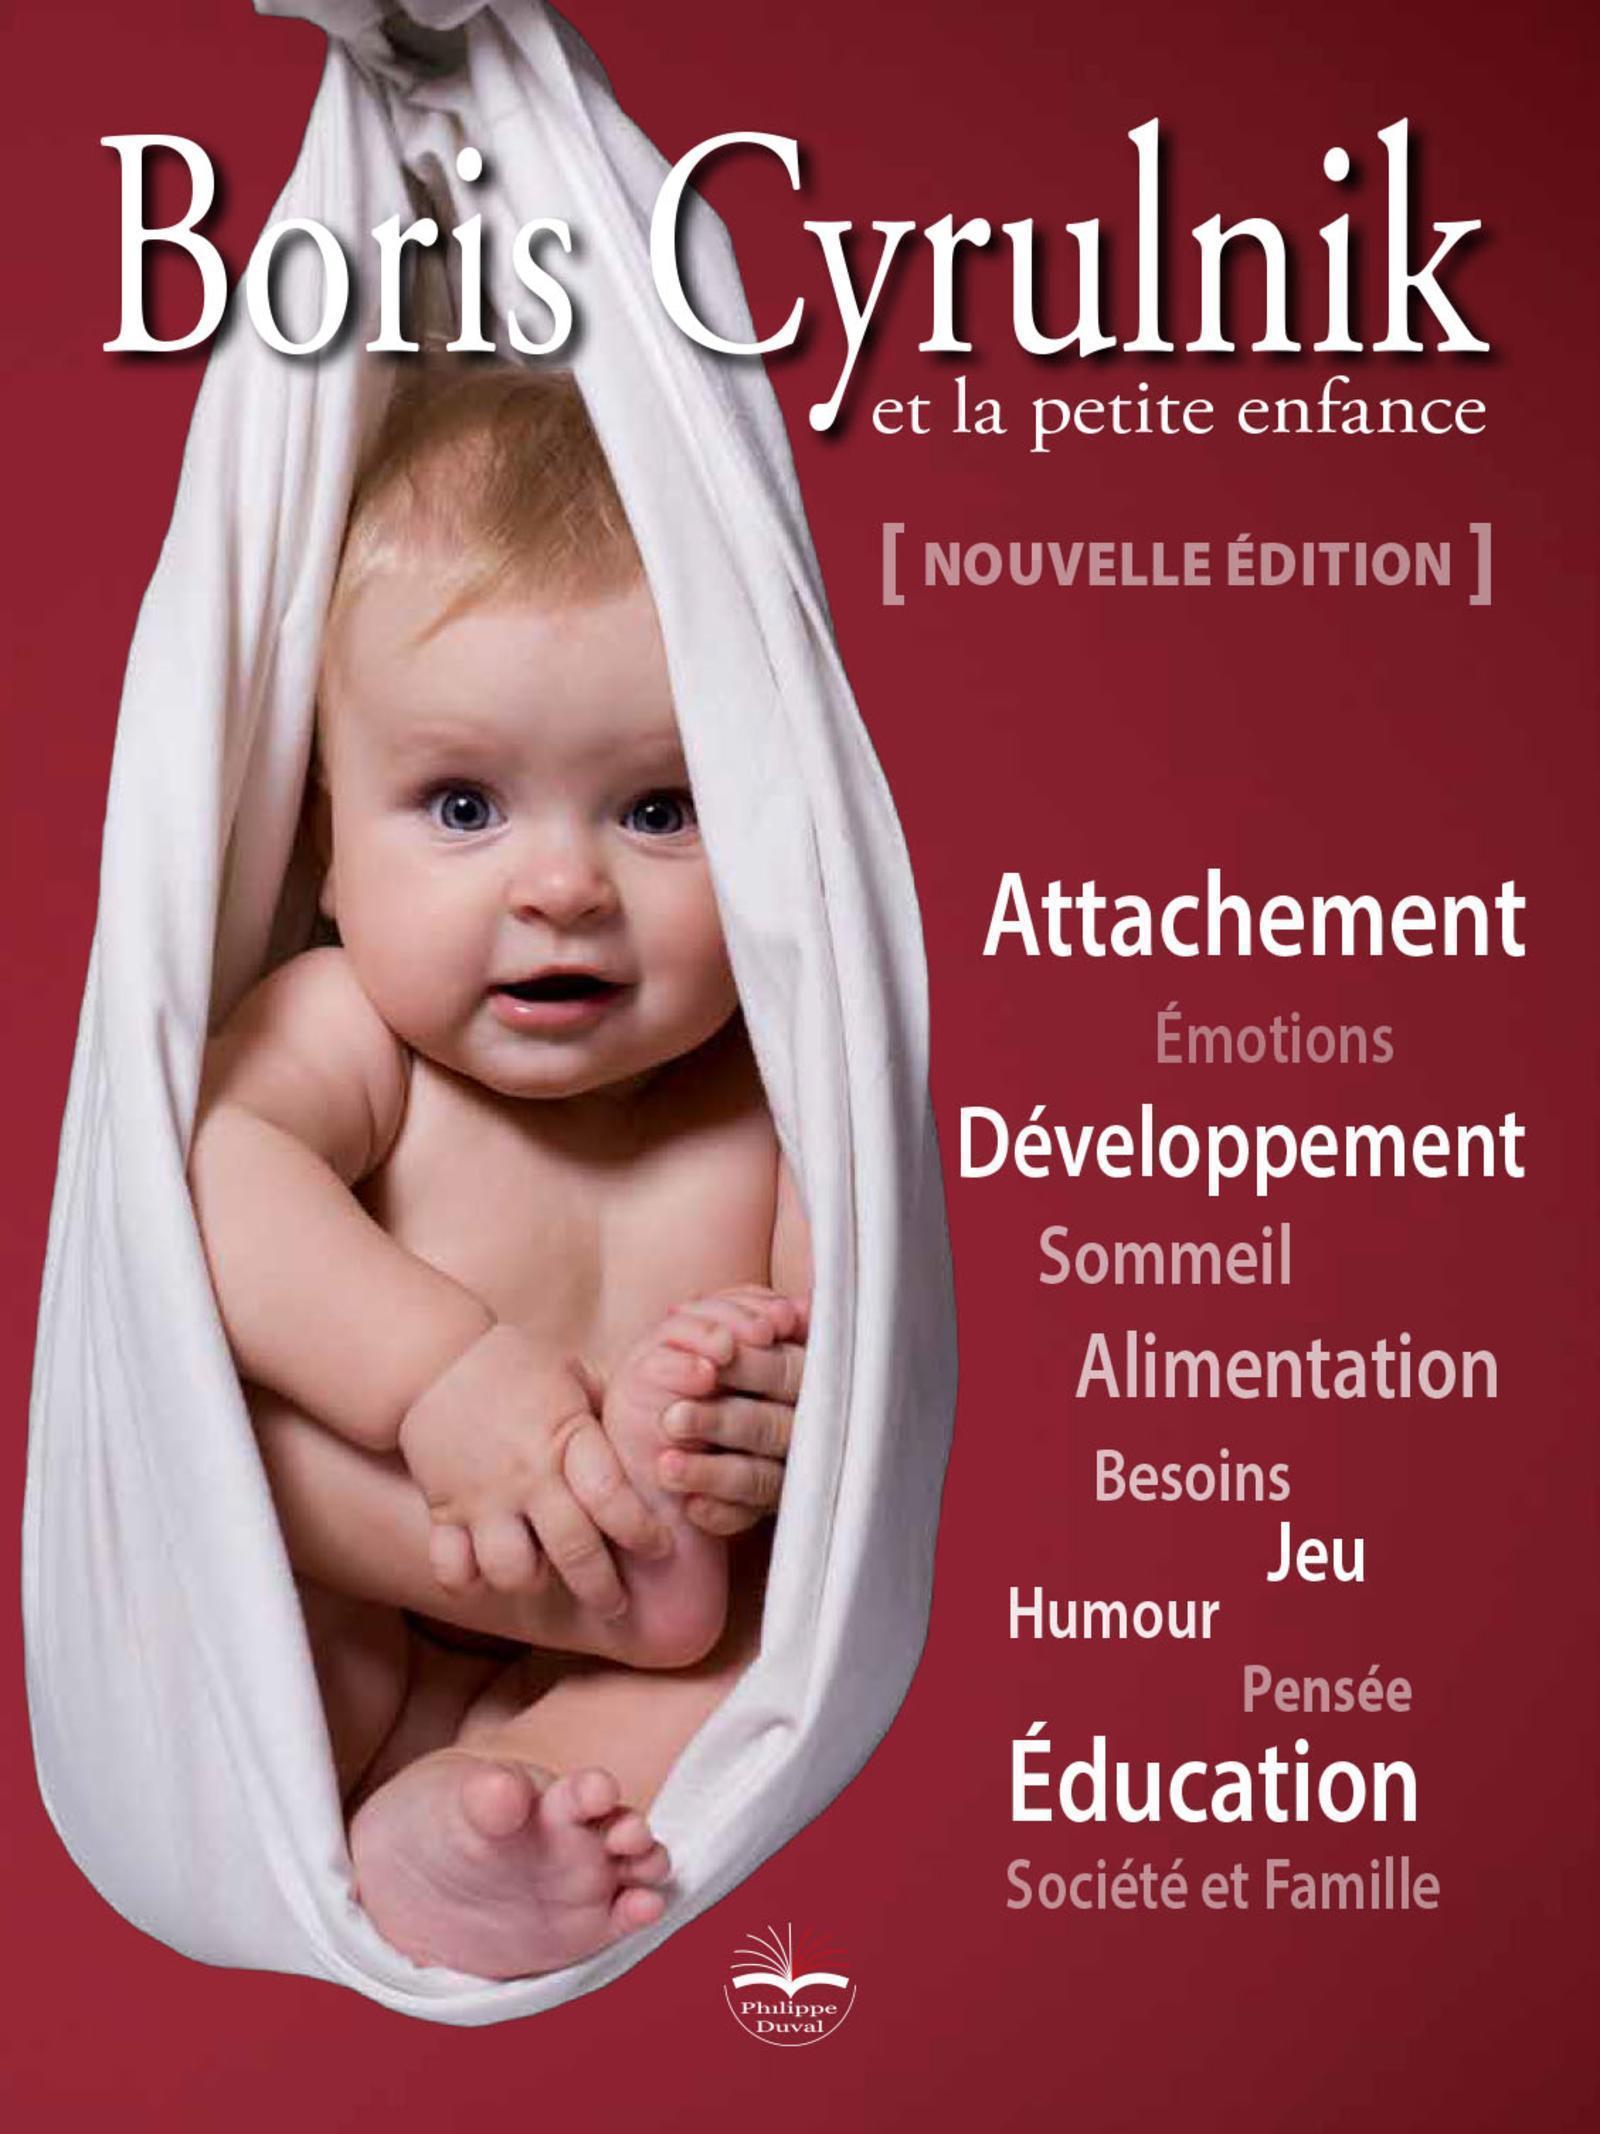 BORIS CYRULNIK ET LA PETITE ENFANCE - 2EME EDITION